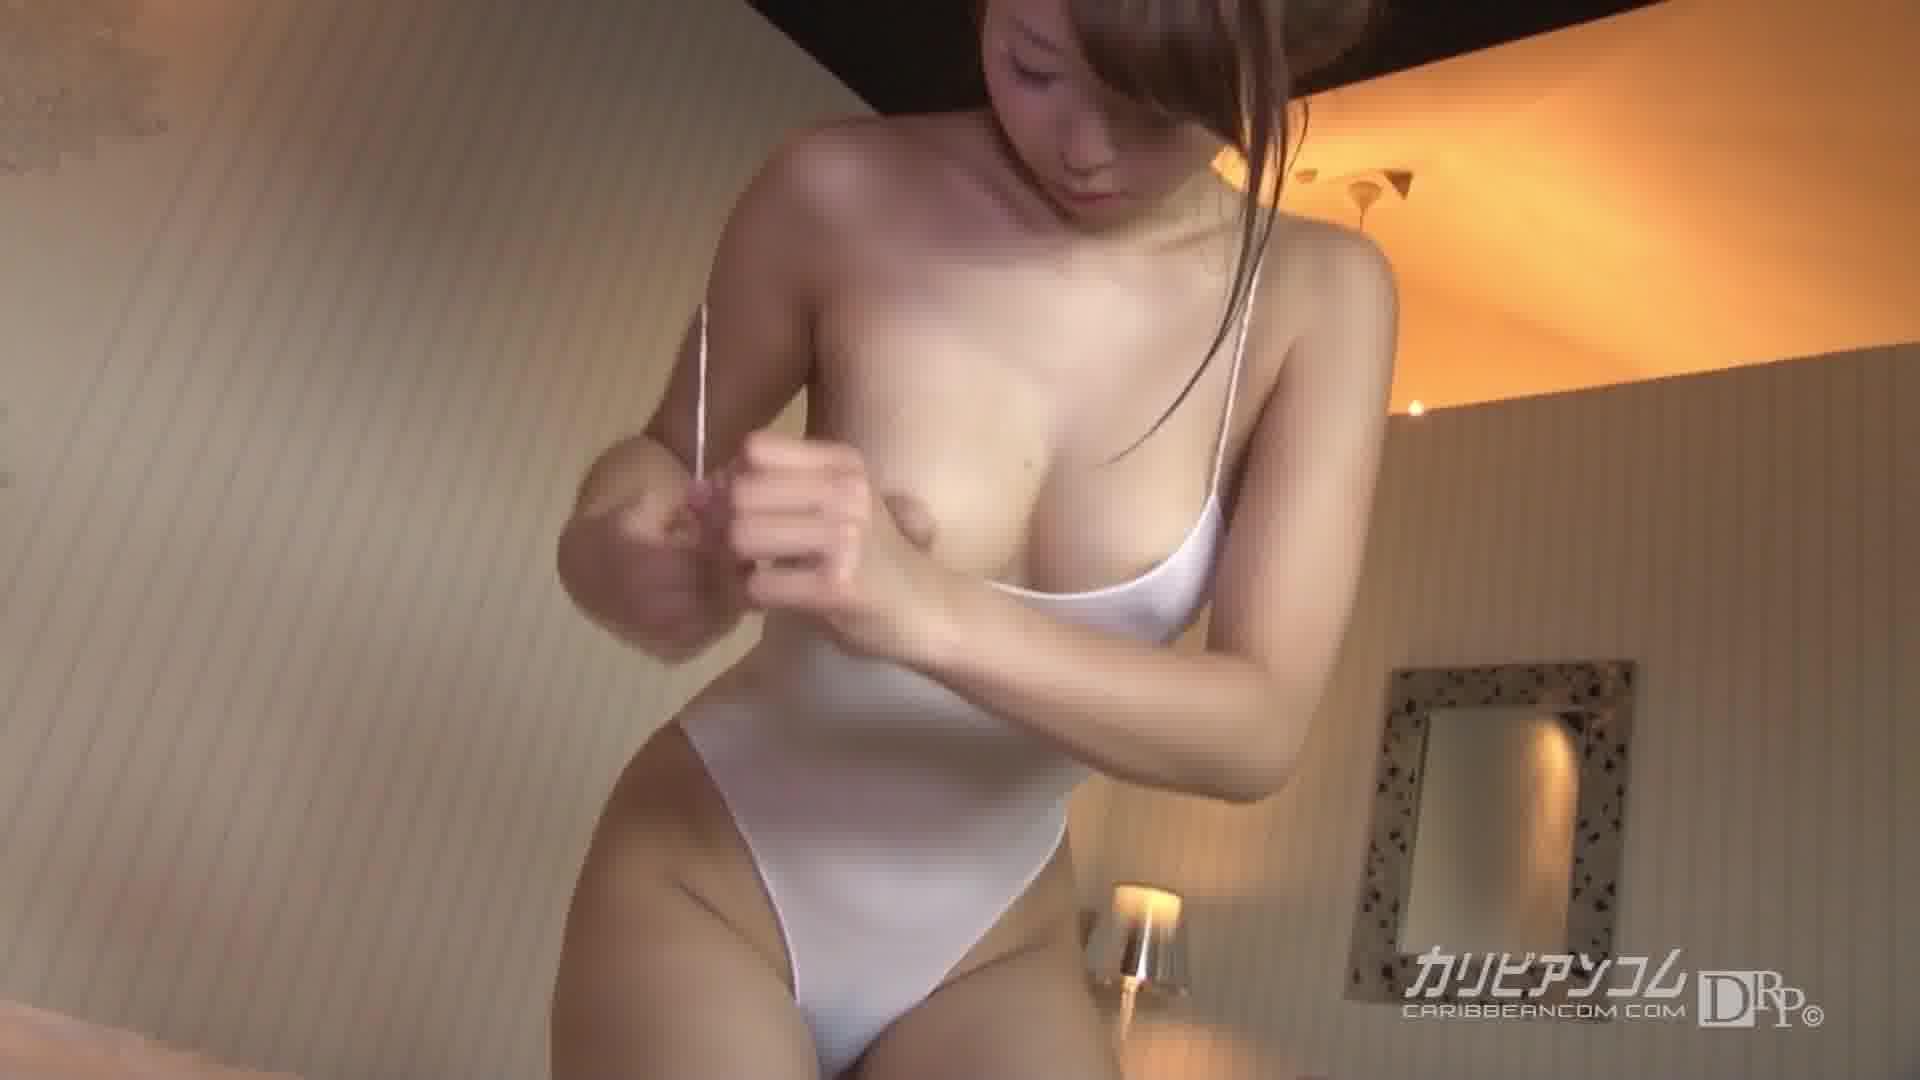 汁だく素人の熱中SEX - 酒井あさひ【巨乳・スレンダー・69】